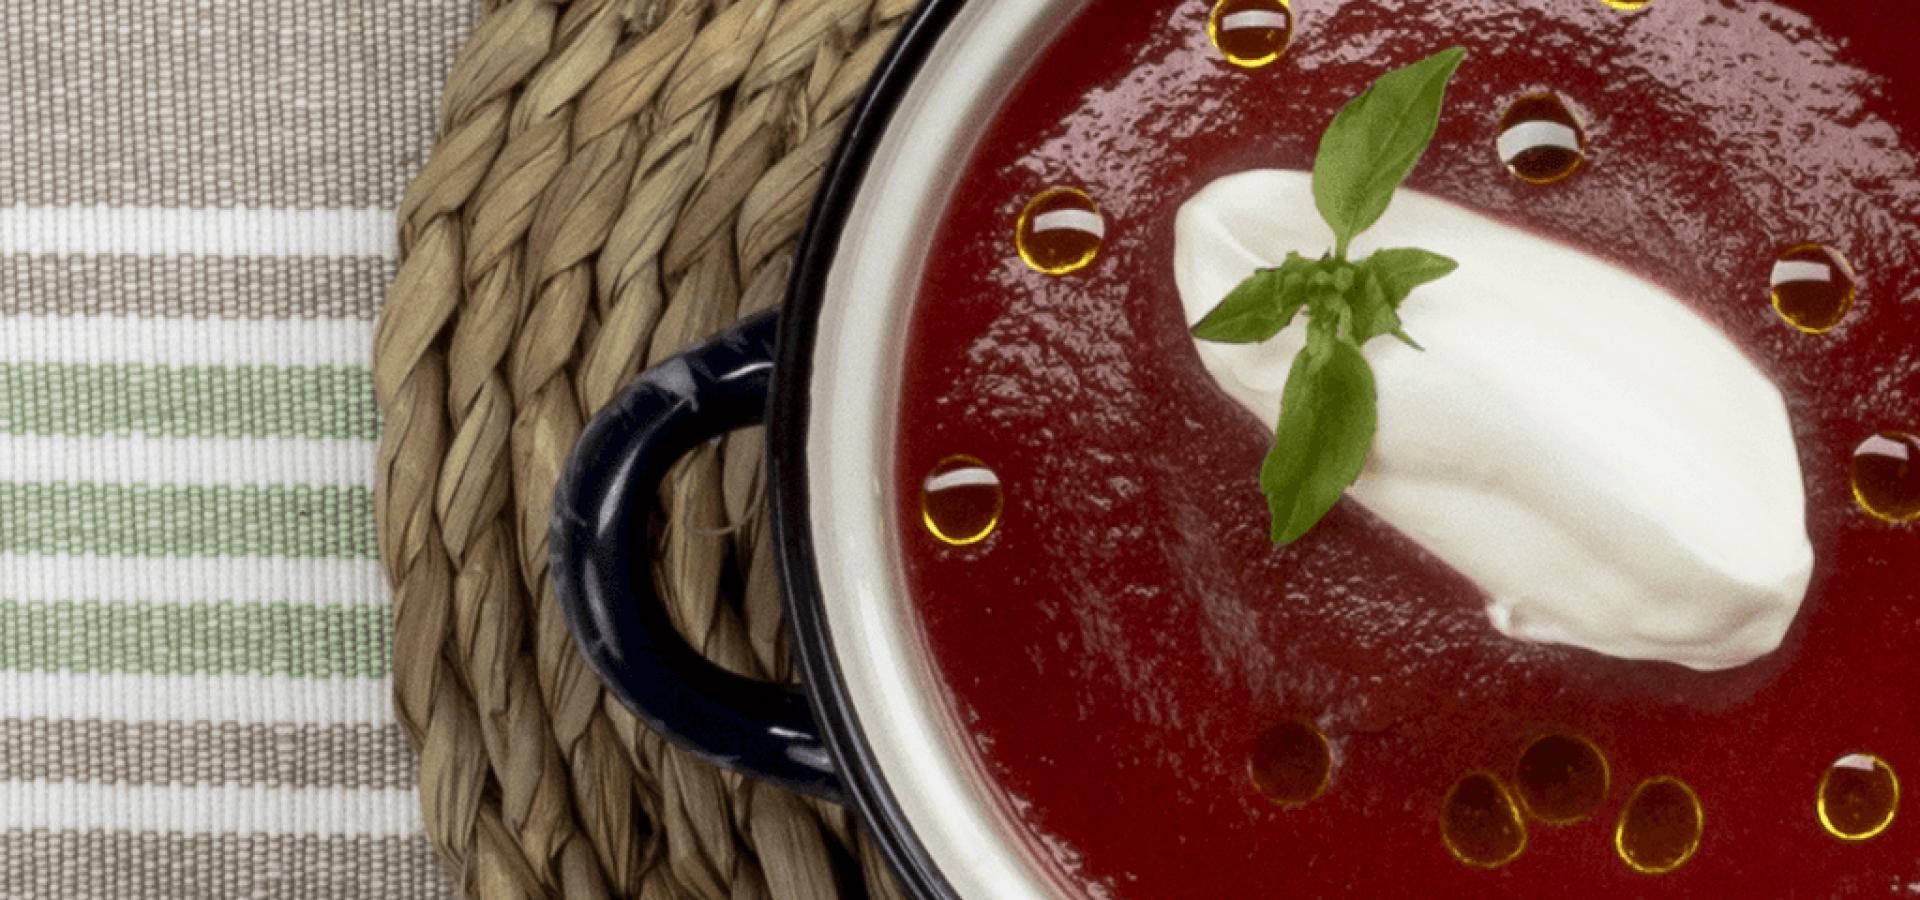 Receta de sopa de tomates asados